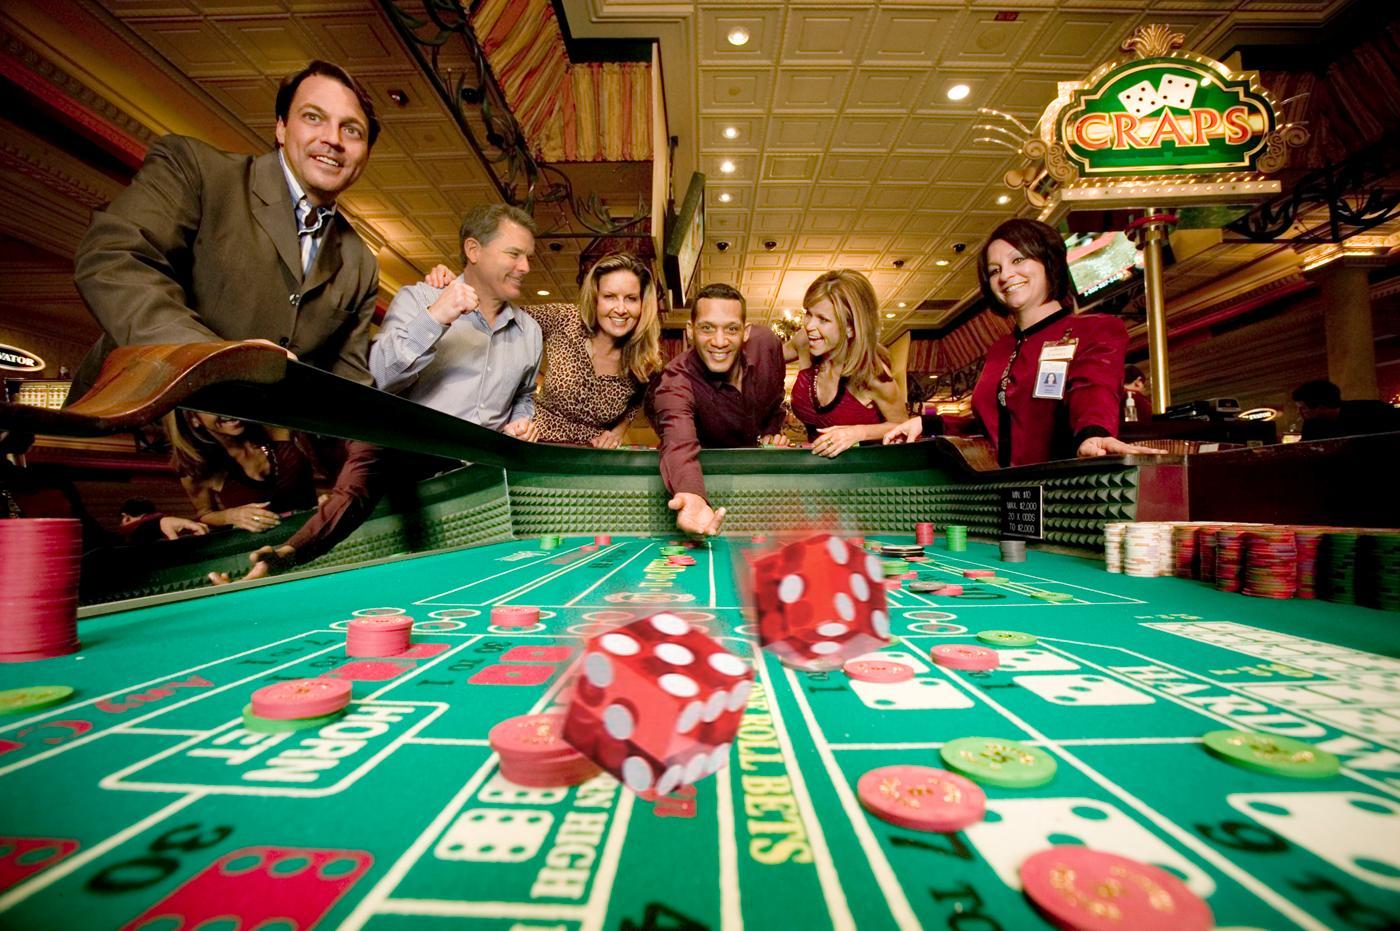 Casino en ligne : un nouveau souffle pour les jeux d'argent